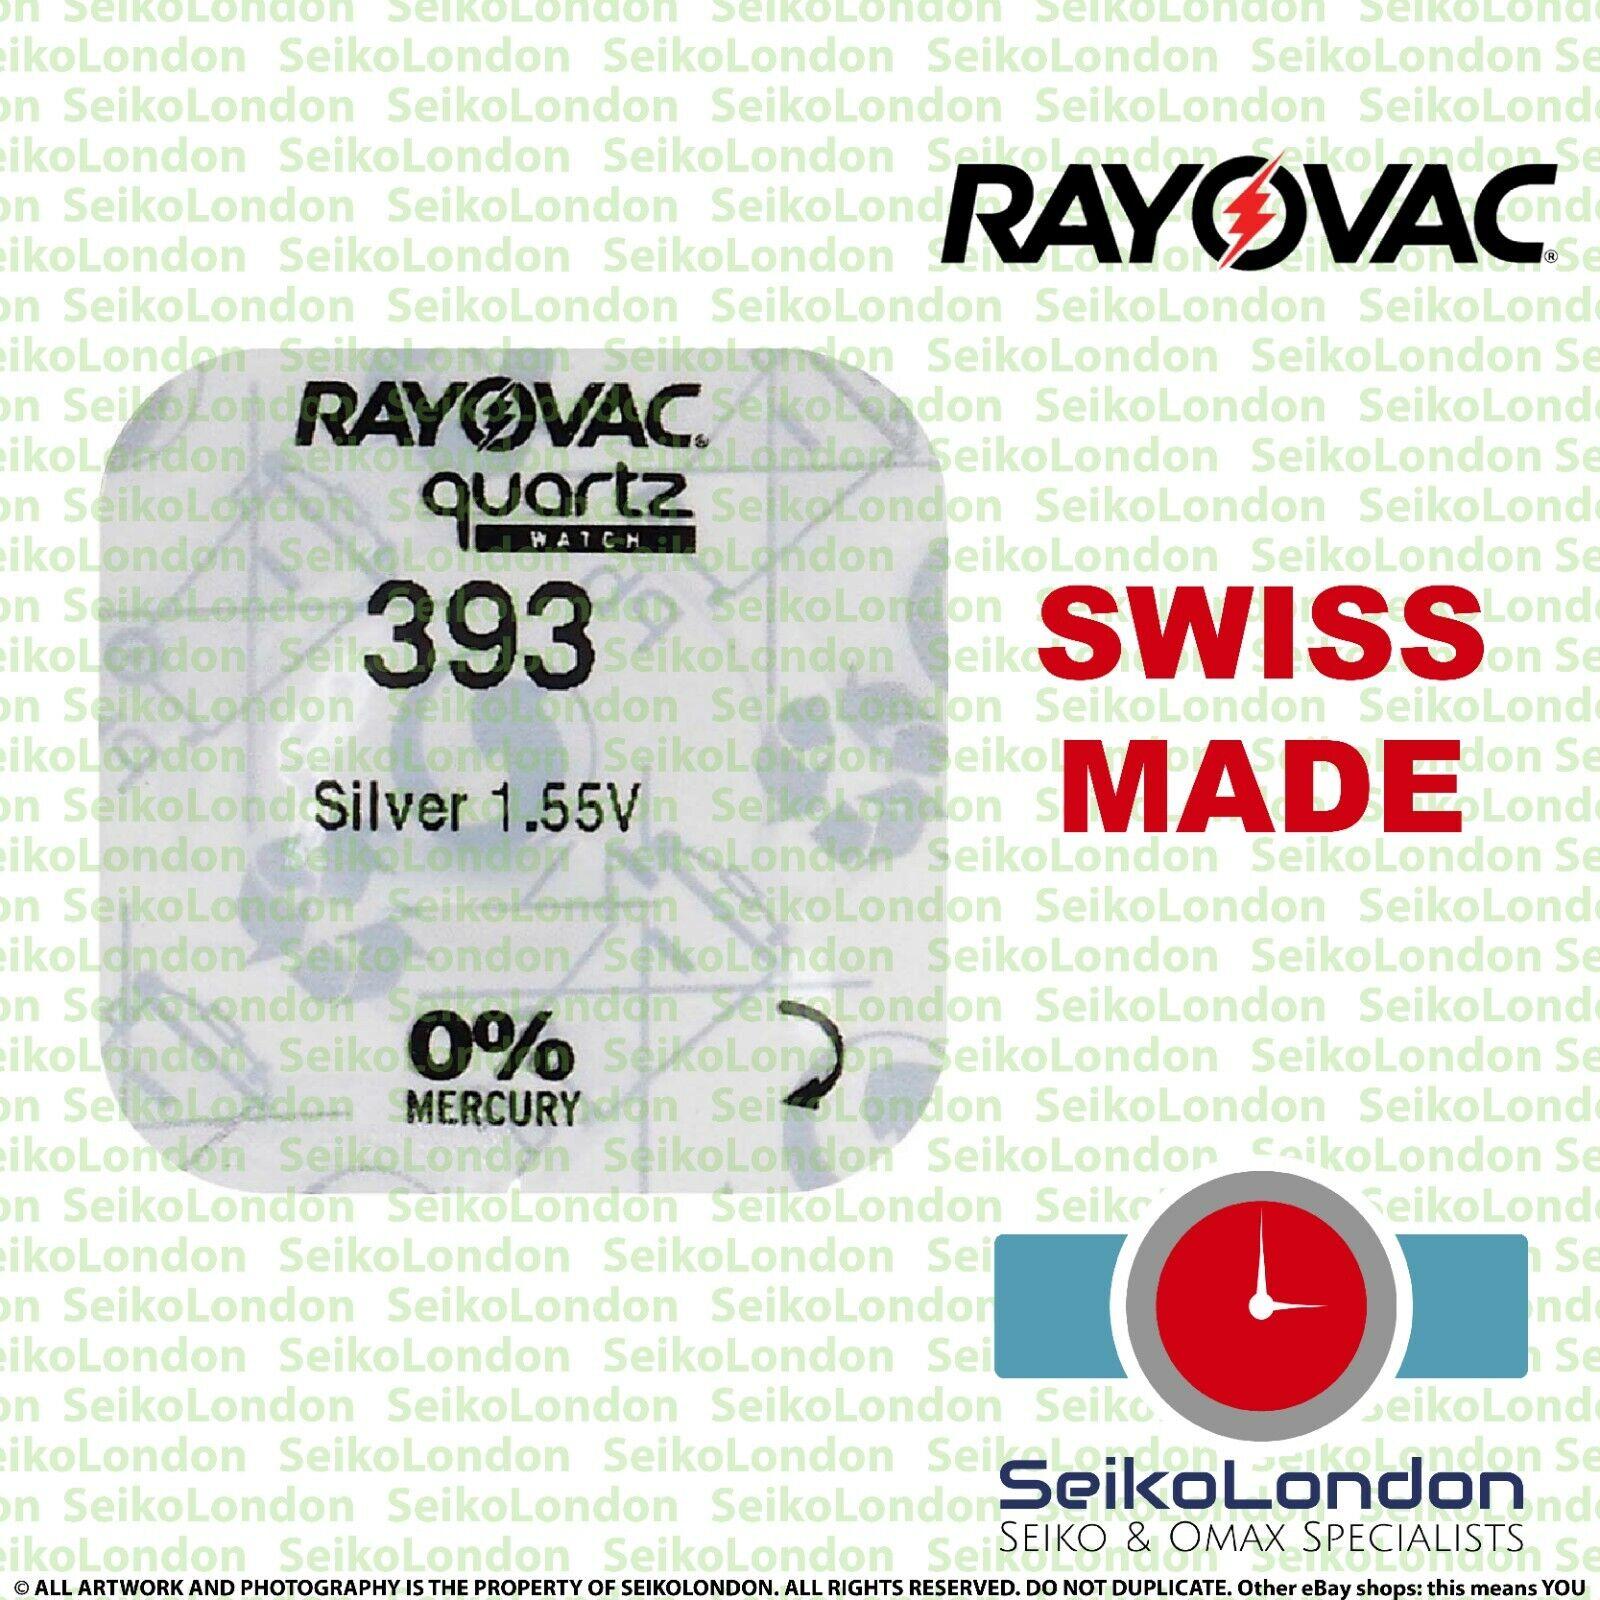 1X Rayovac 393 AG5 SR754W, SR48, SR754, SB-B 1.55v Battery FREE 1st class post